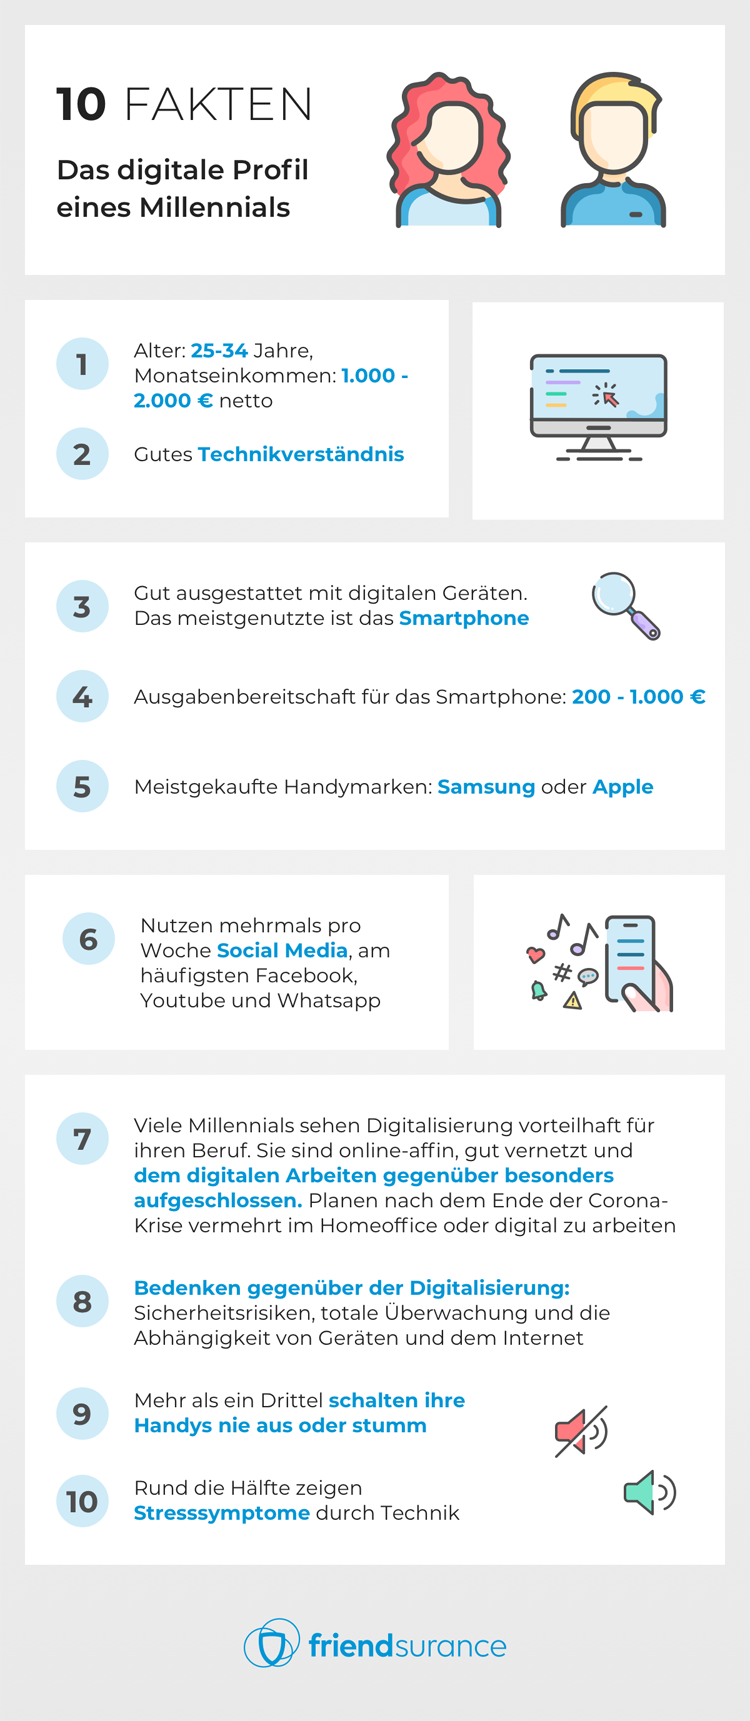 Infografik: Das digitale Profil eines Millennials in 10 Fakten